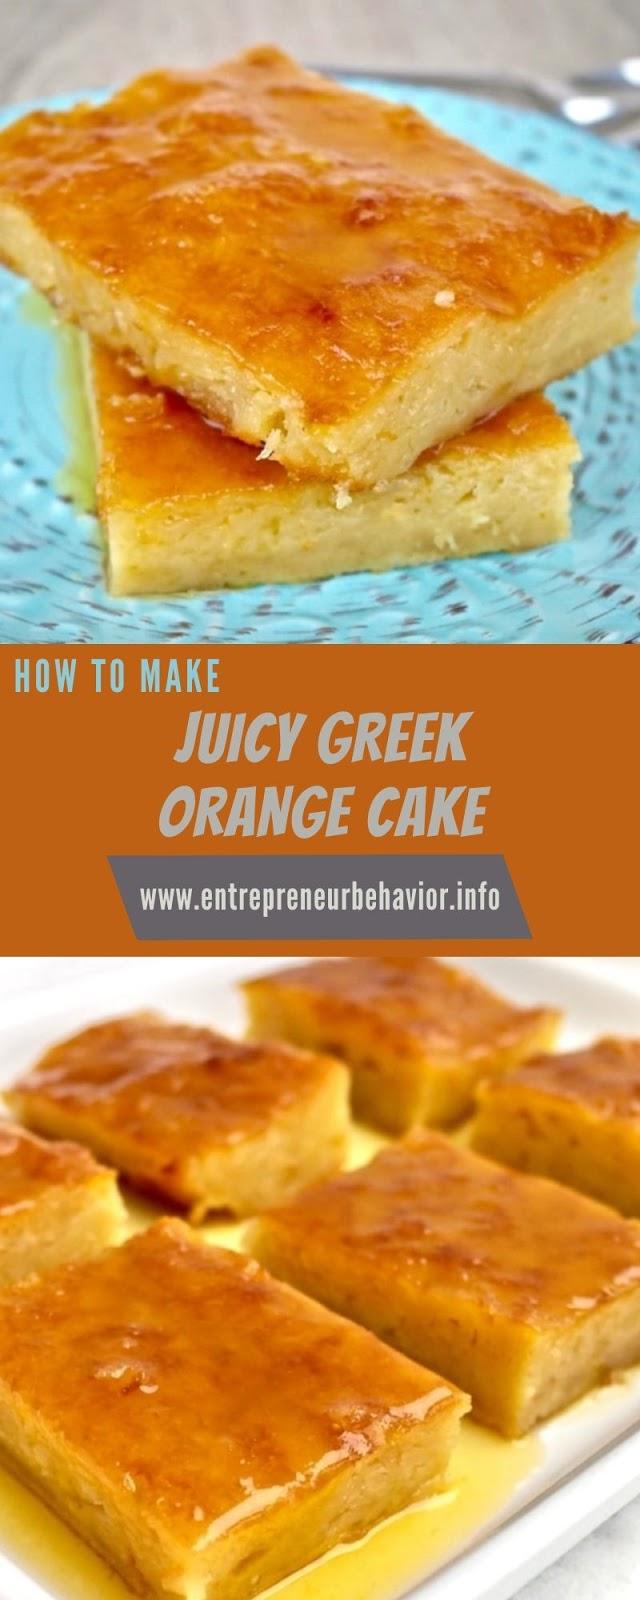 JUICY GREEK ORANGE CAKE